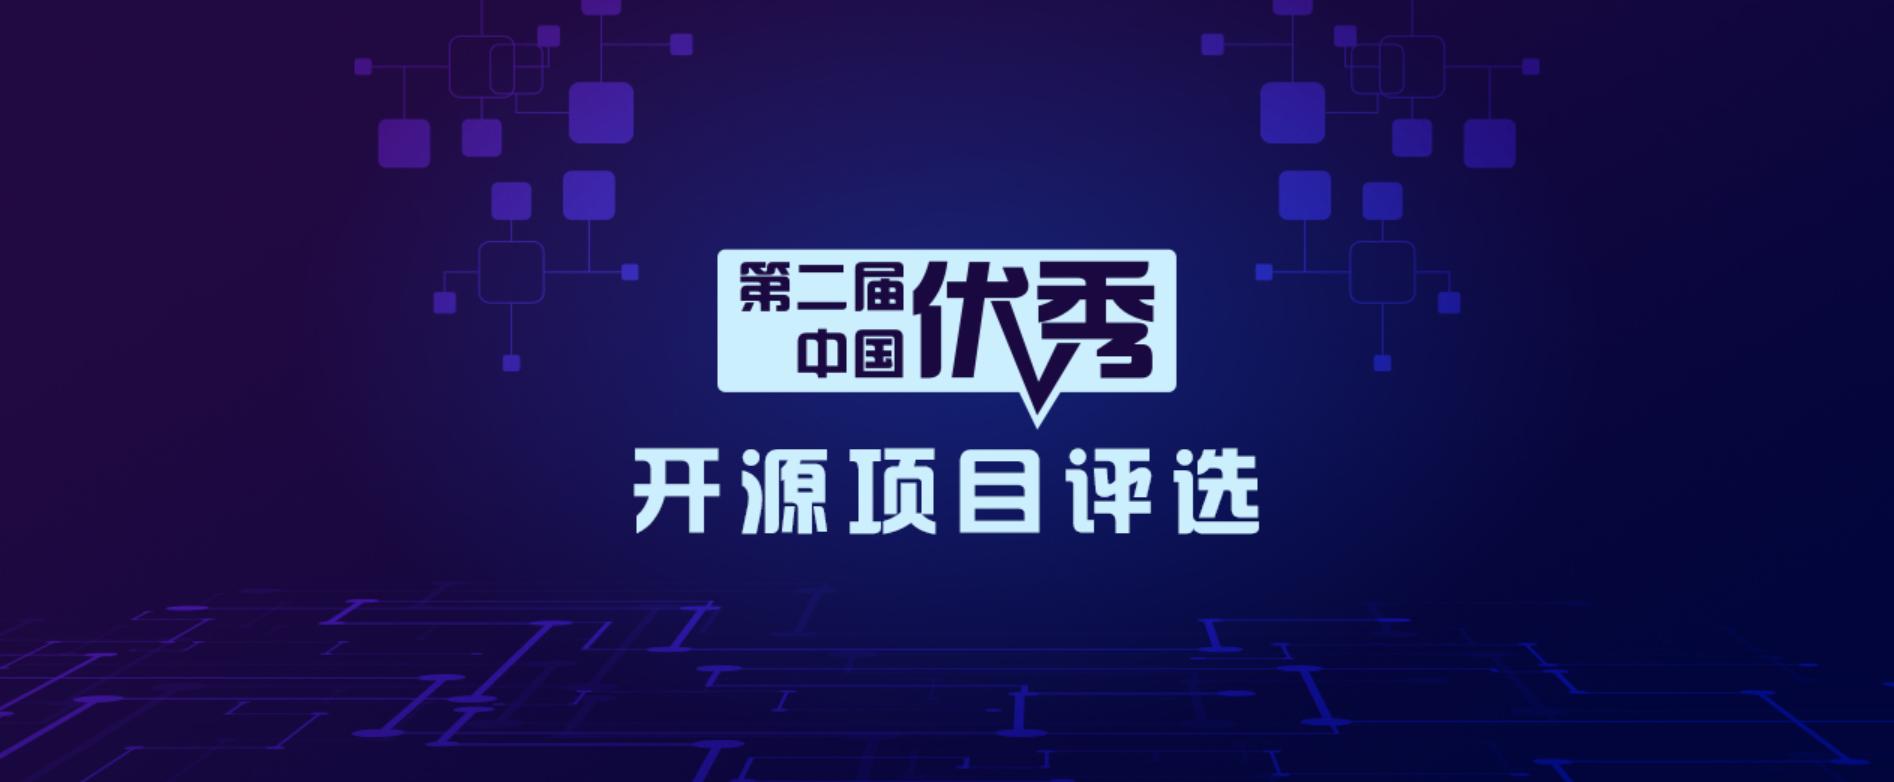 开源活动素材.png